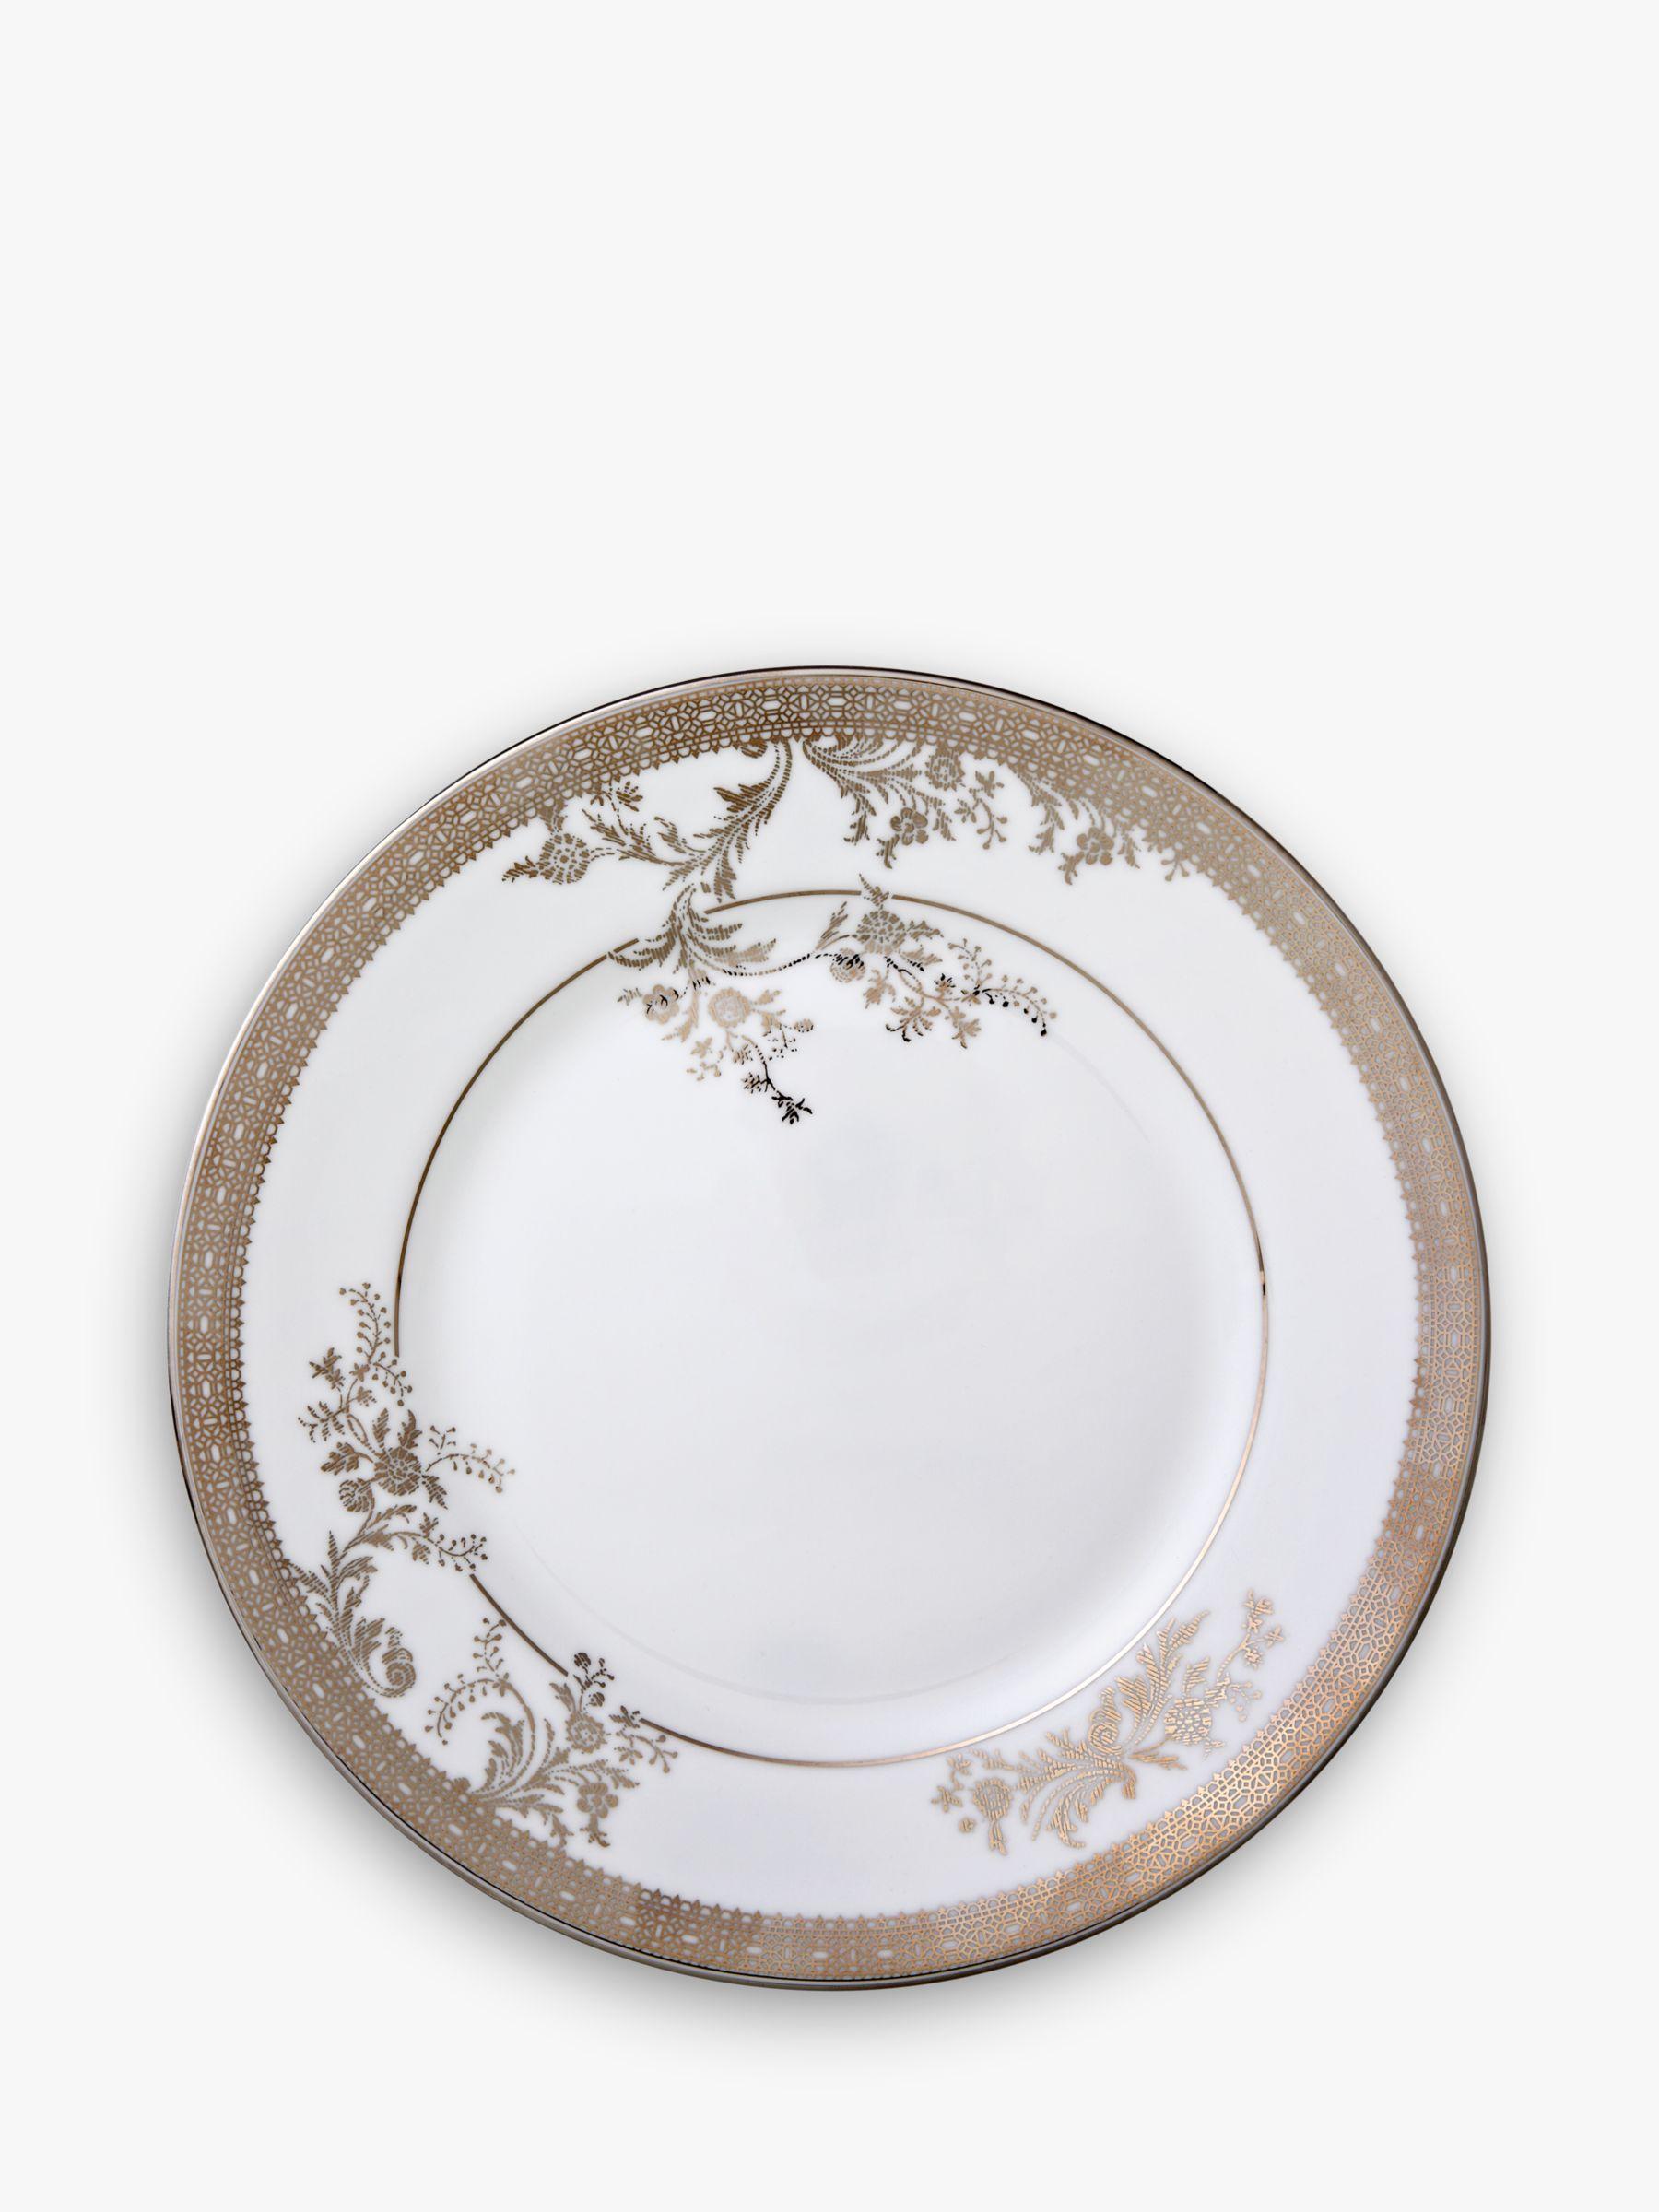 Vera Wang for Wedgwood Vera Wang for Wedgwood Lace Platinum 20cm Dessert Plate